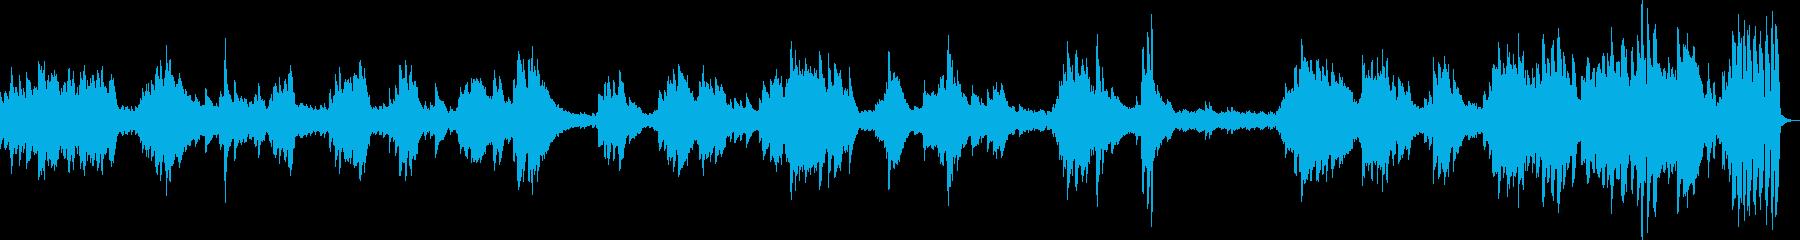 焦り・ピアノソロ・避難・不安・緊迫・恐怖の再生済みの波形